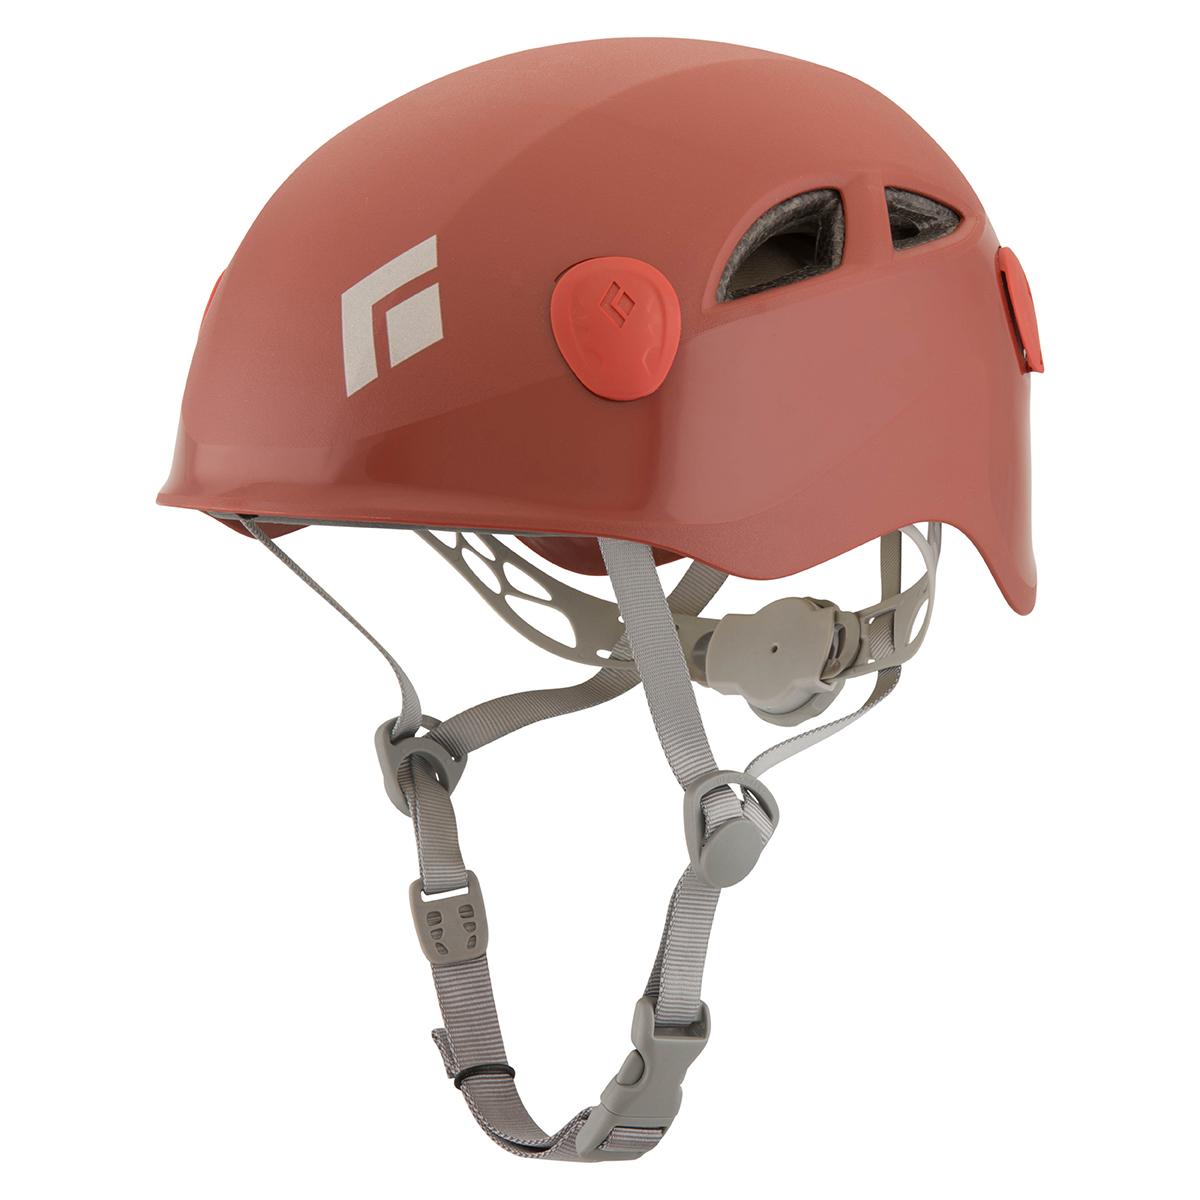 BLACK DIAMOND  ハーフドムヘルメット